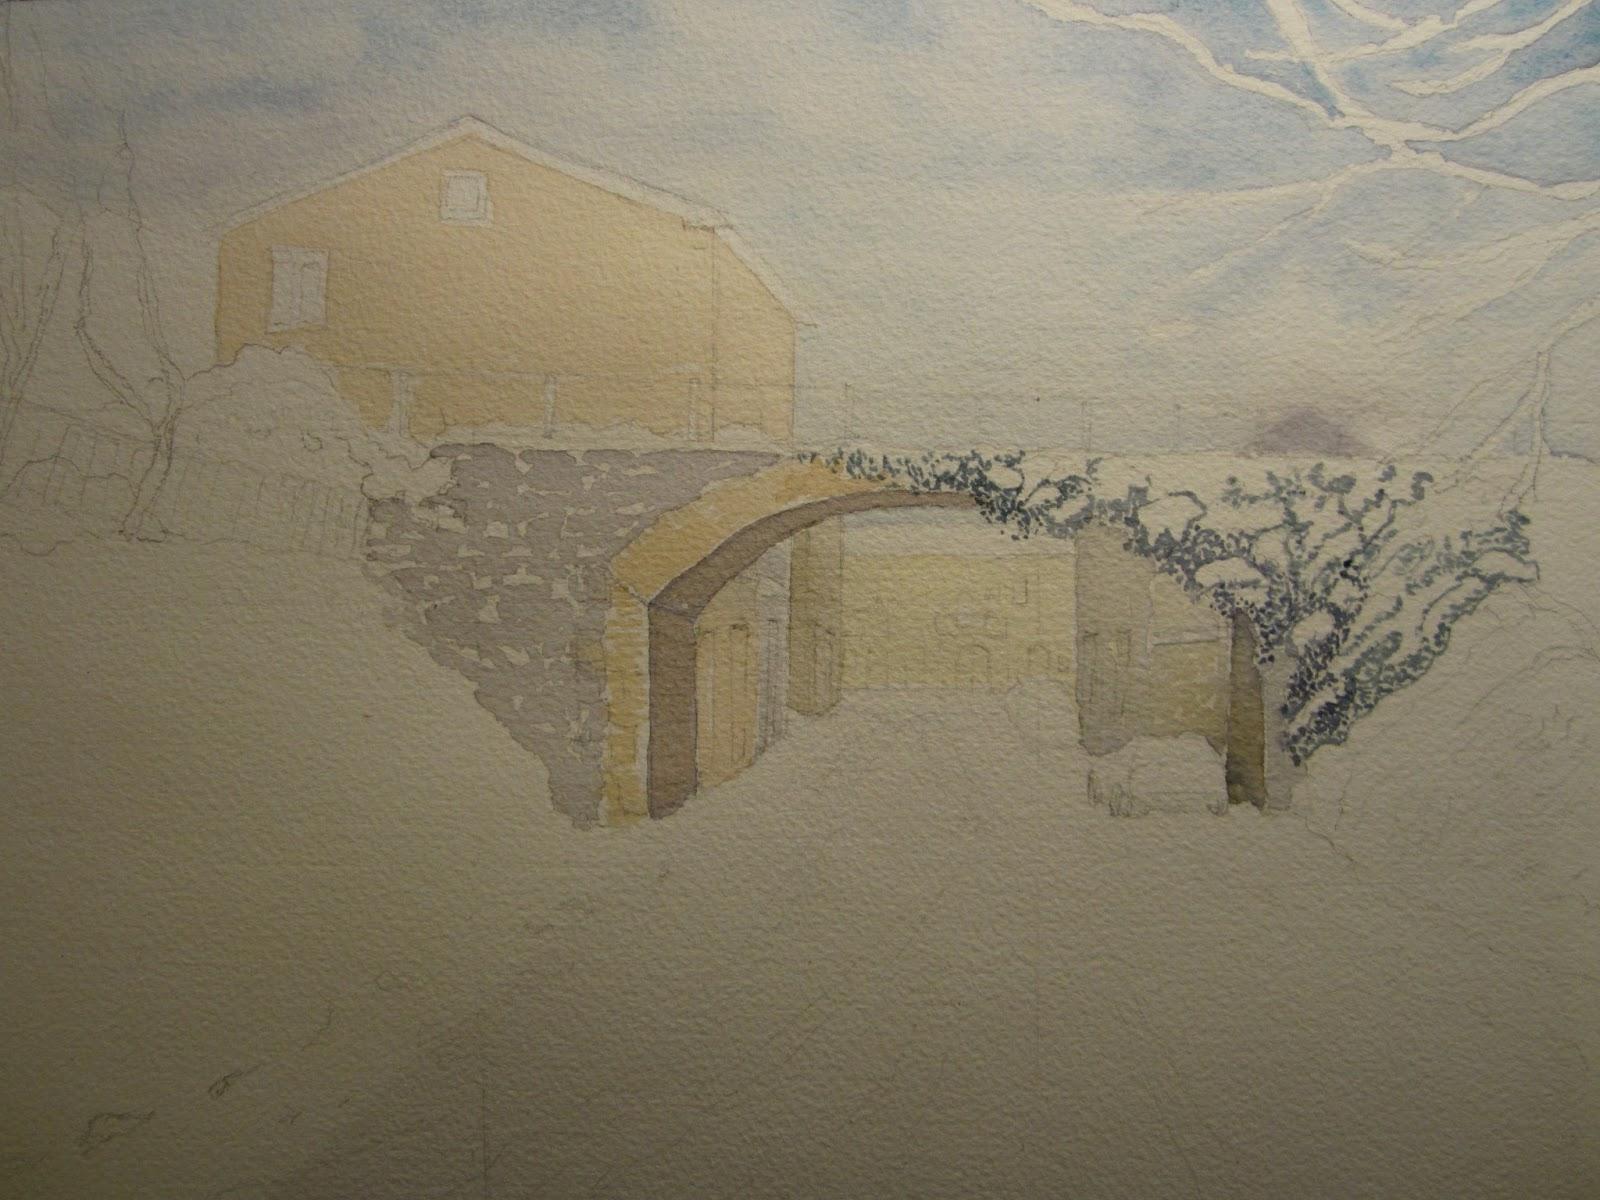 Prima lezione di acquerello del 2013 paesaggio invernale casacalendese  CIAM